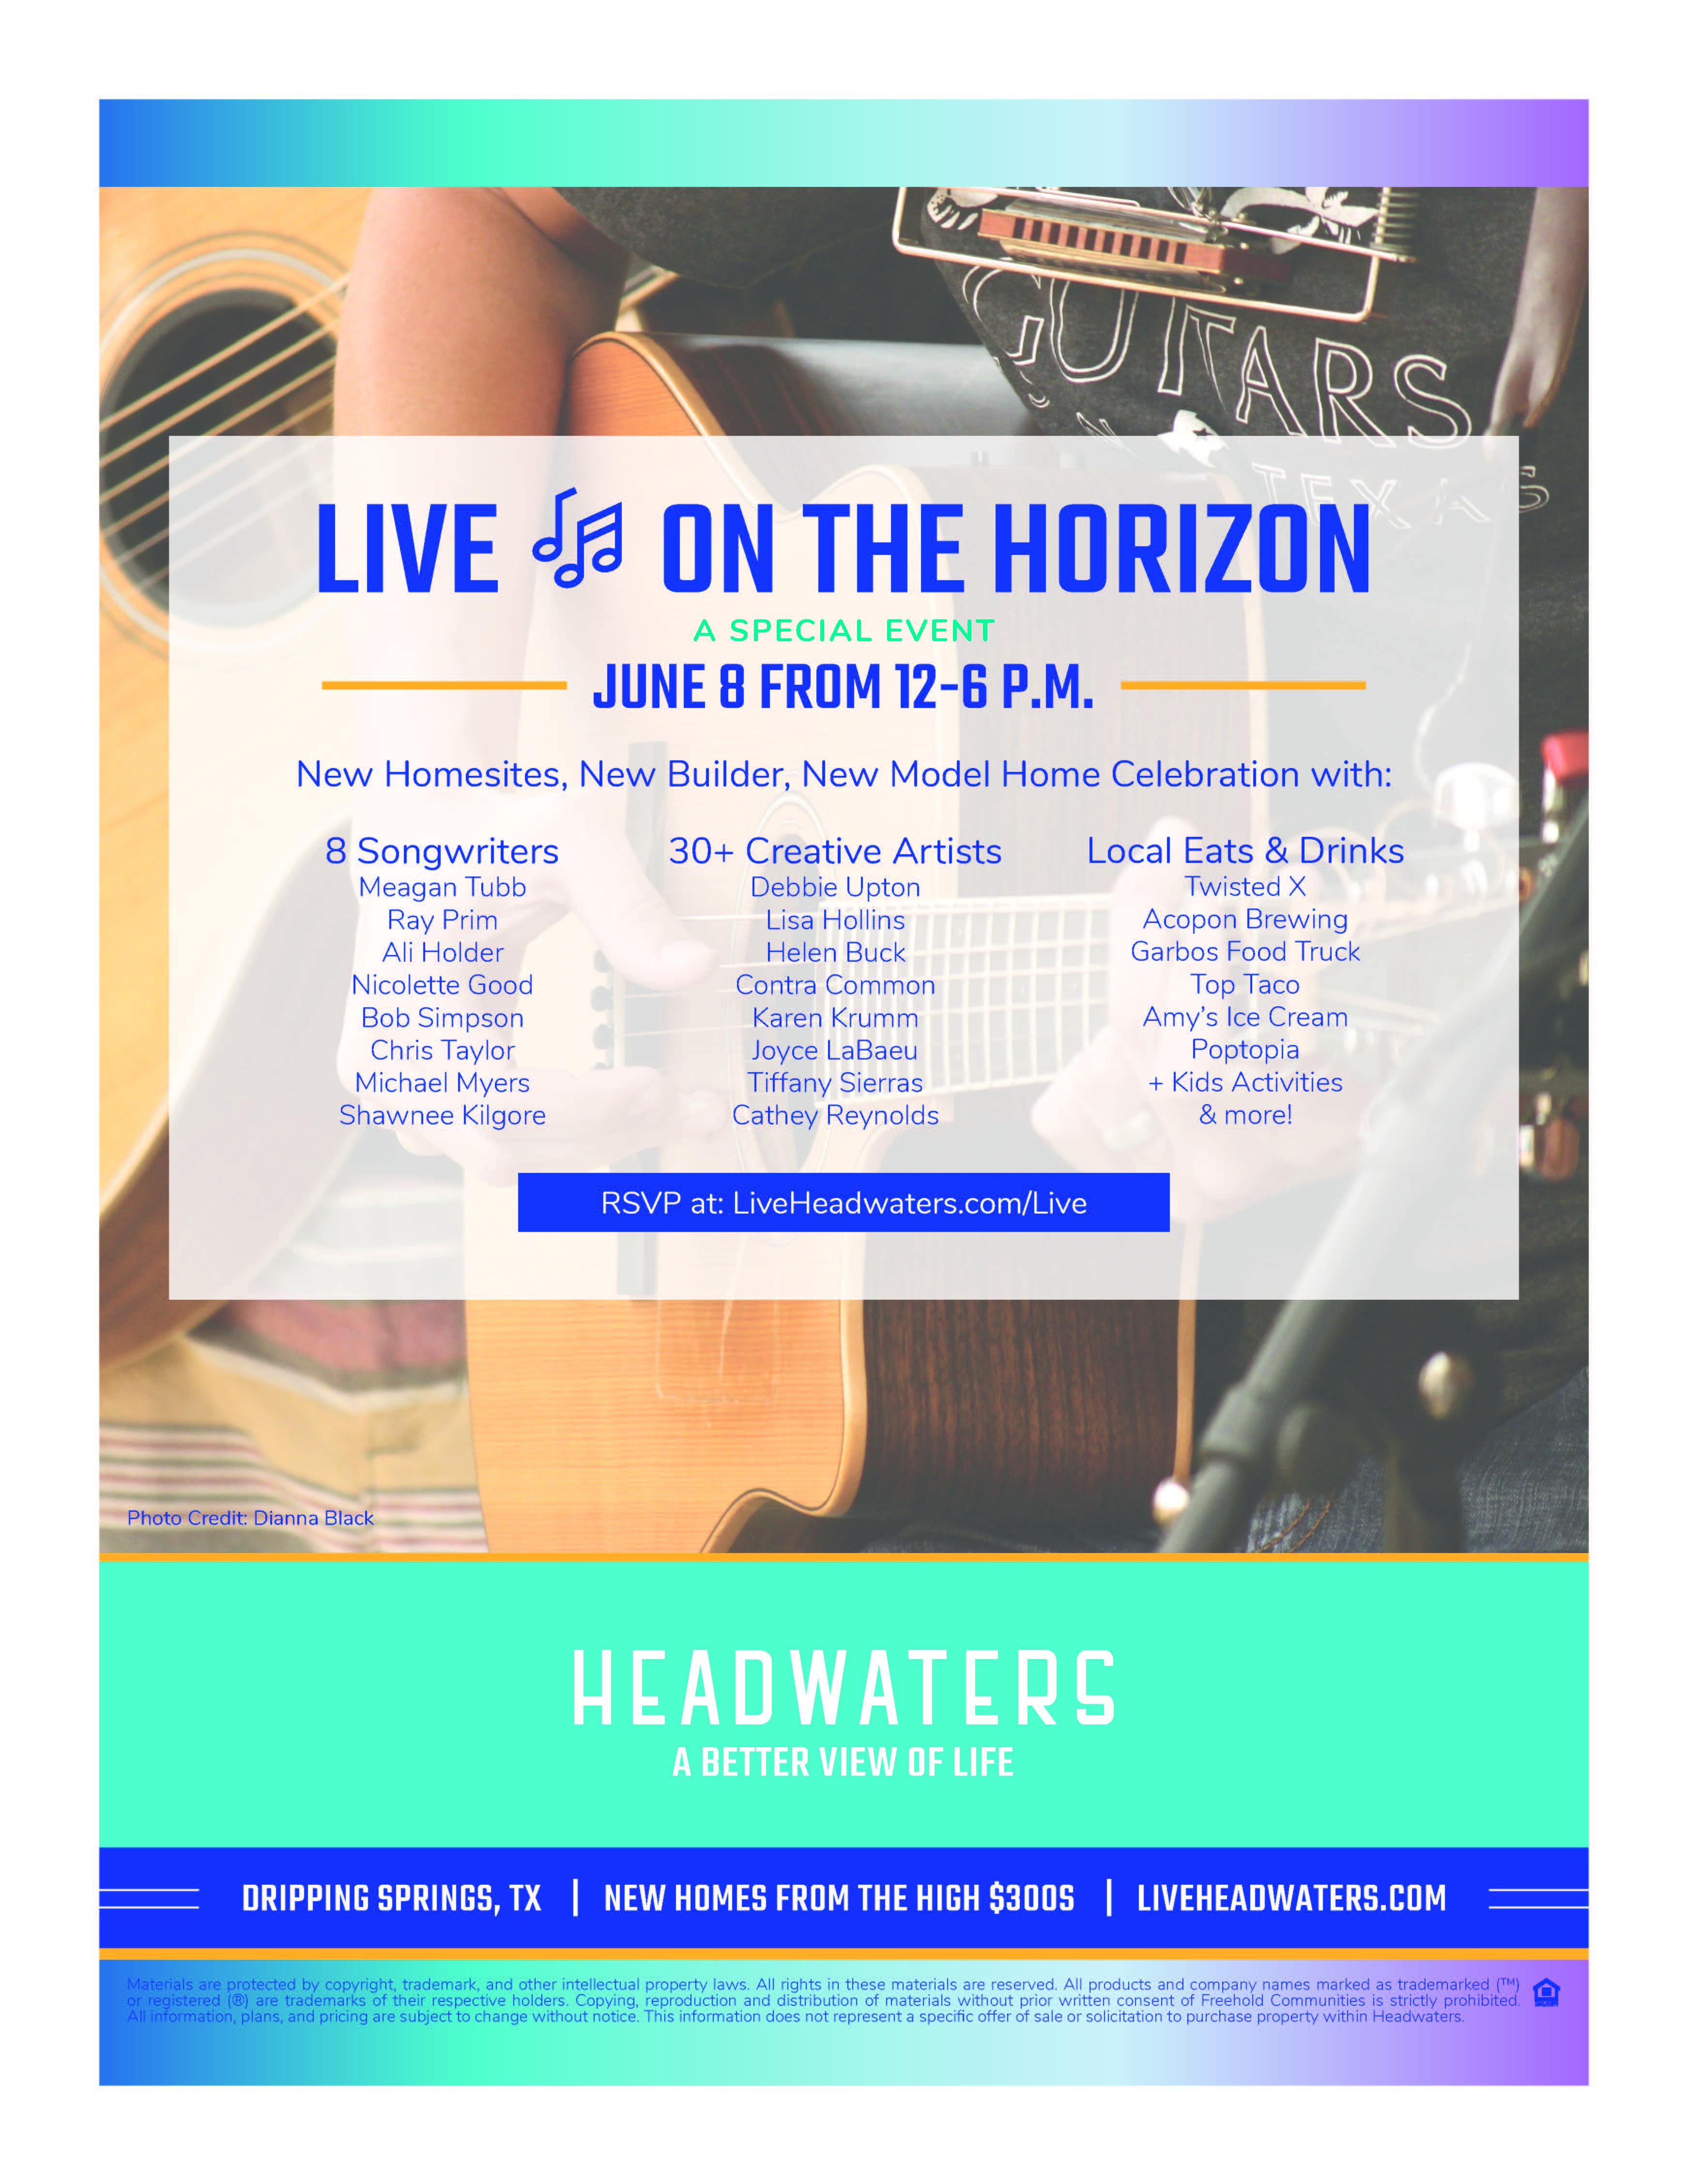 Live on the Horizon